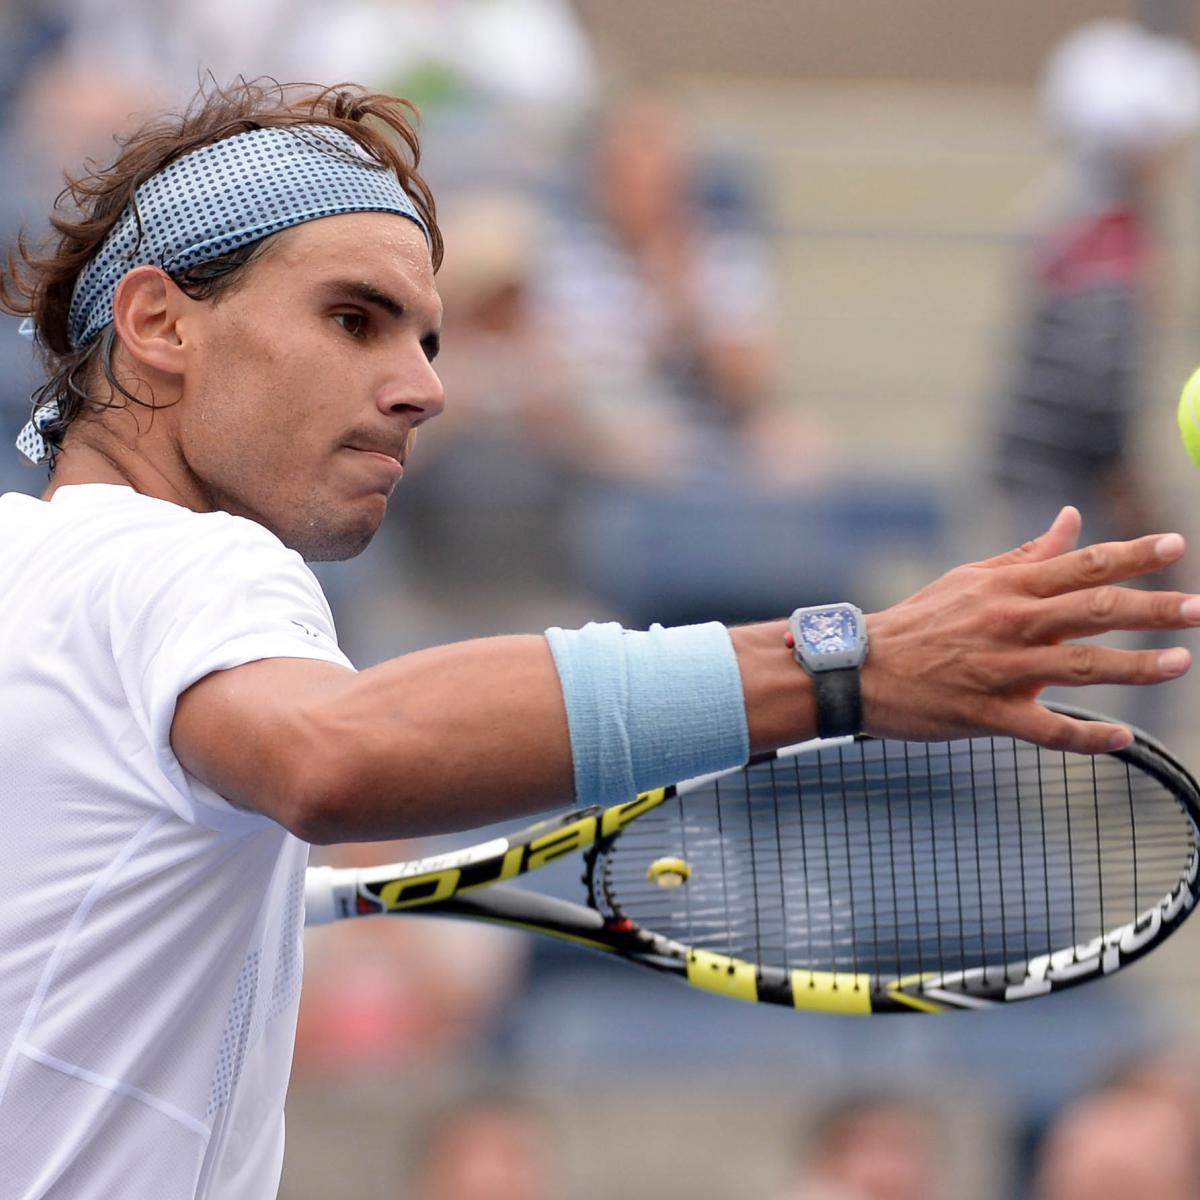 mens tennis clinch share - HD1200×1200